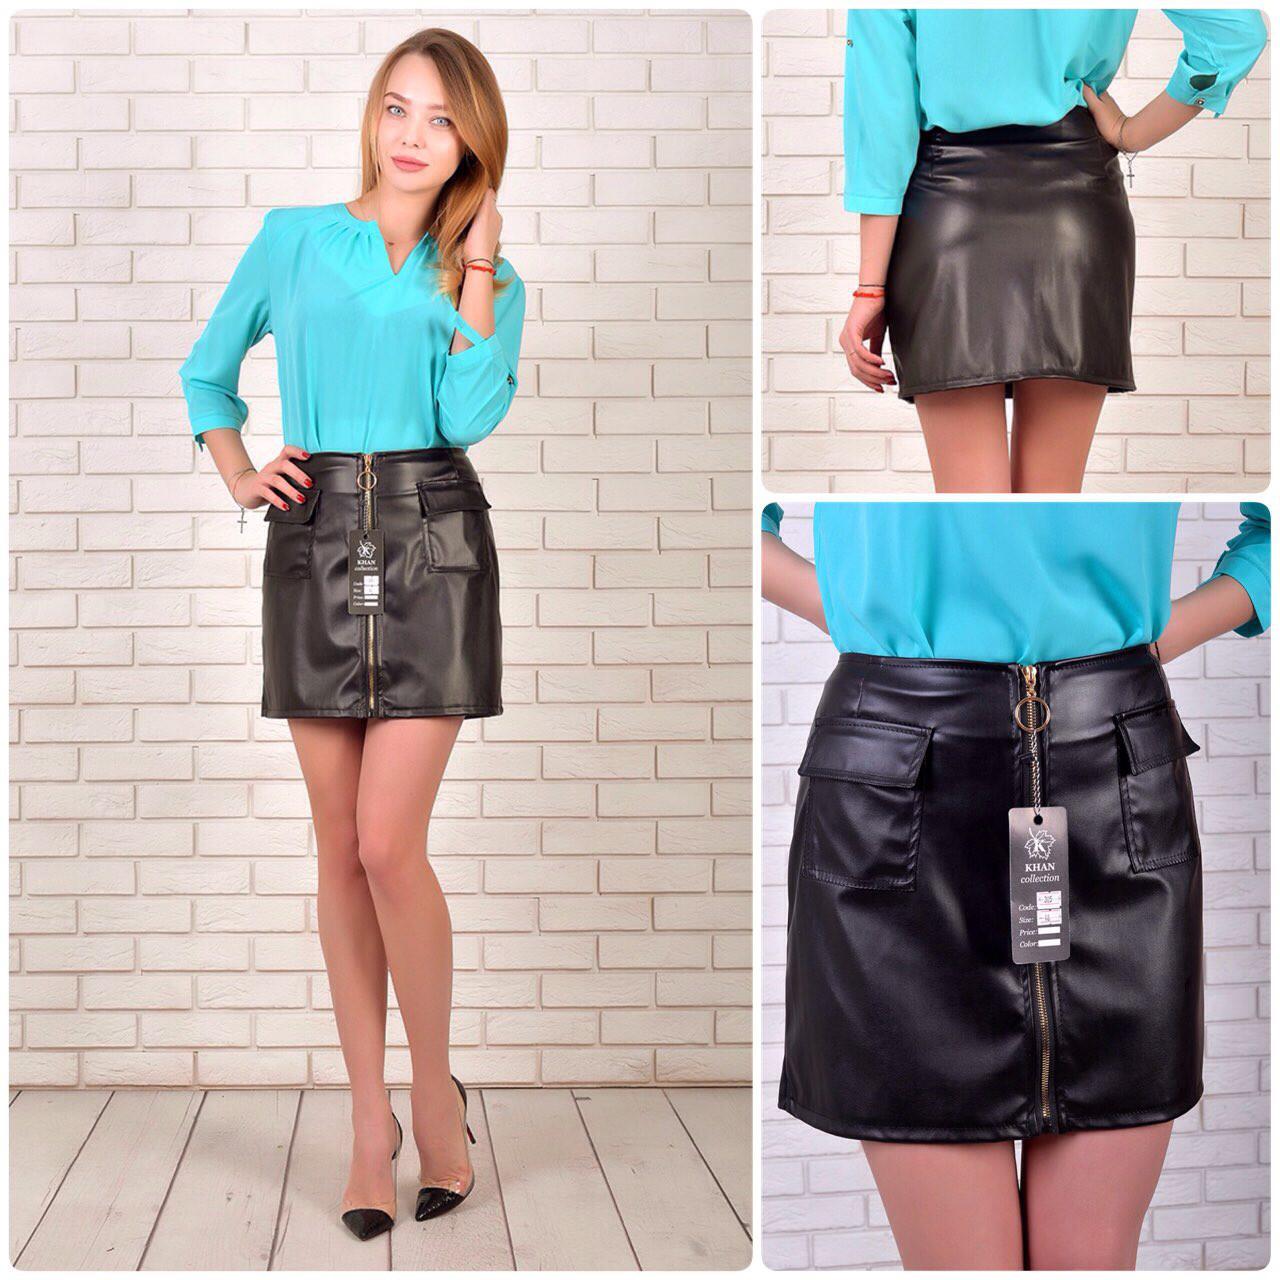 Модные юбки женские большого размера из кожи, эко-кожи ... | 1280x1280